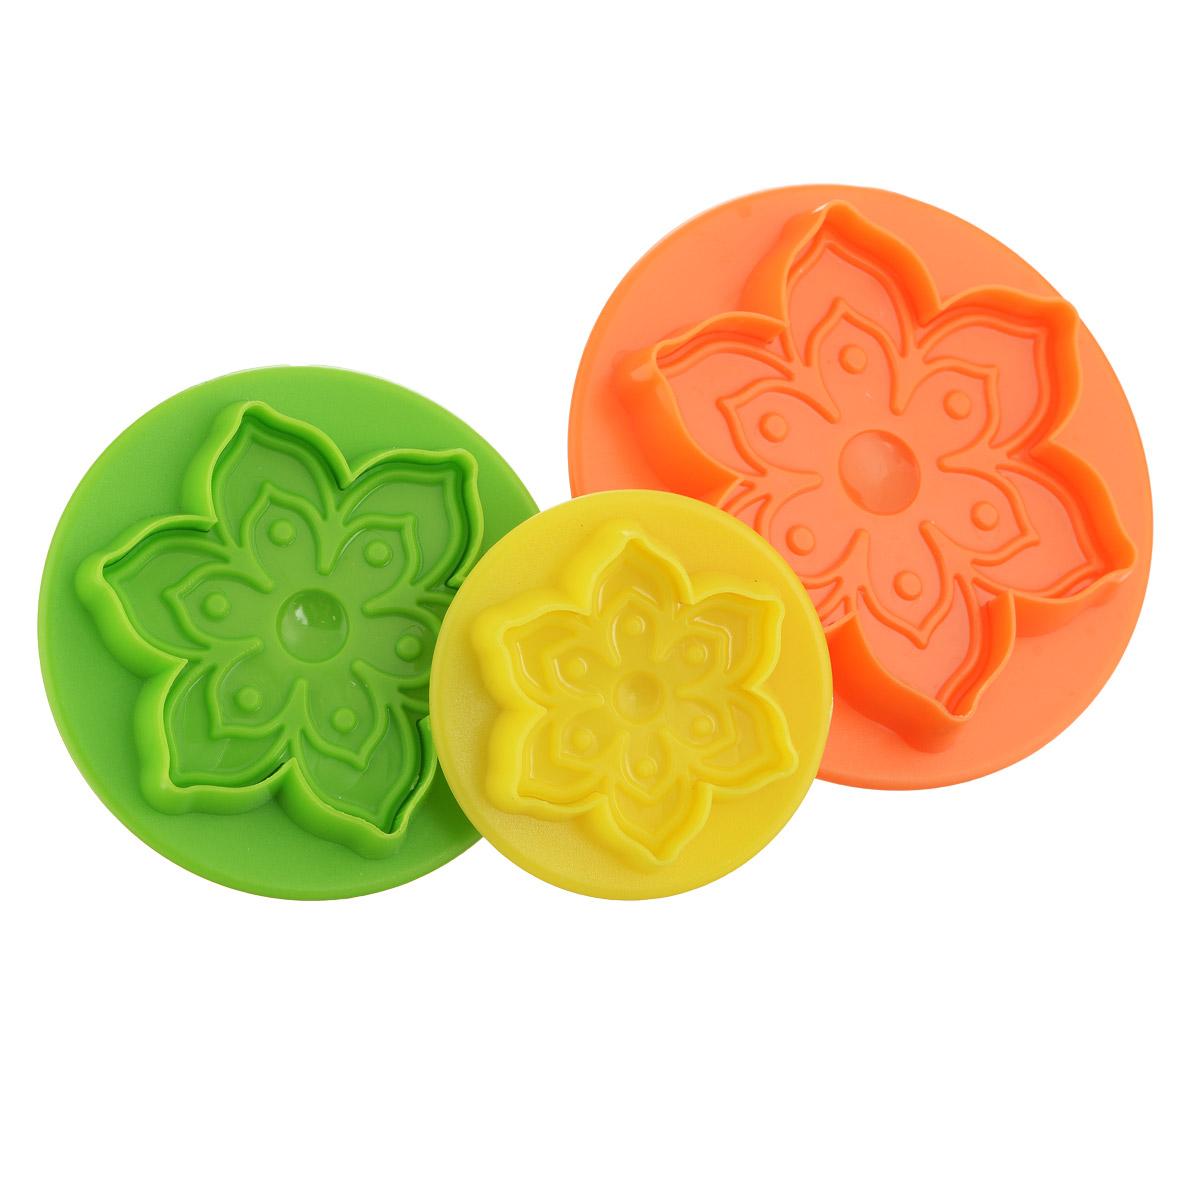 Набор форм для печенья Mayer & Boch Цветок, цвет: зеленый, оранжевый, желтый, 3 шт24014_зеленый,оранжевый,желтыйНабор Mayer & Boch Цветок состоит из трех формочек, выполненных из разноцветного пластика. Изделия имеют форму цветов, оснащены удобными ручками. Раскатайте тесто, возьмите форму, надавите ею на тесто (как будто ставите печать) и у вас получится красивая вырезка в виде цветочка. Такой набор формочек позволит приготовить печенье по вашему любимому рецепту, но в необычном оформлении, которое обязательно придется по душе и детям, и взрослым.Диаметр форм: 8 см, 7 см, 5 см.